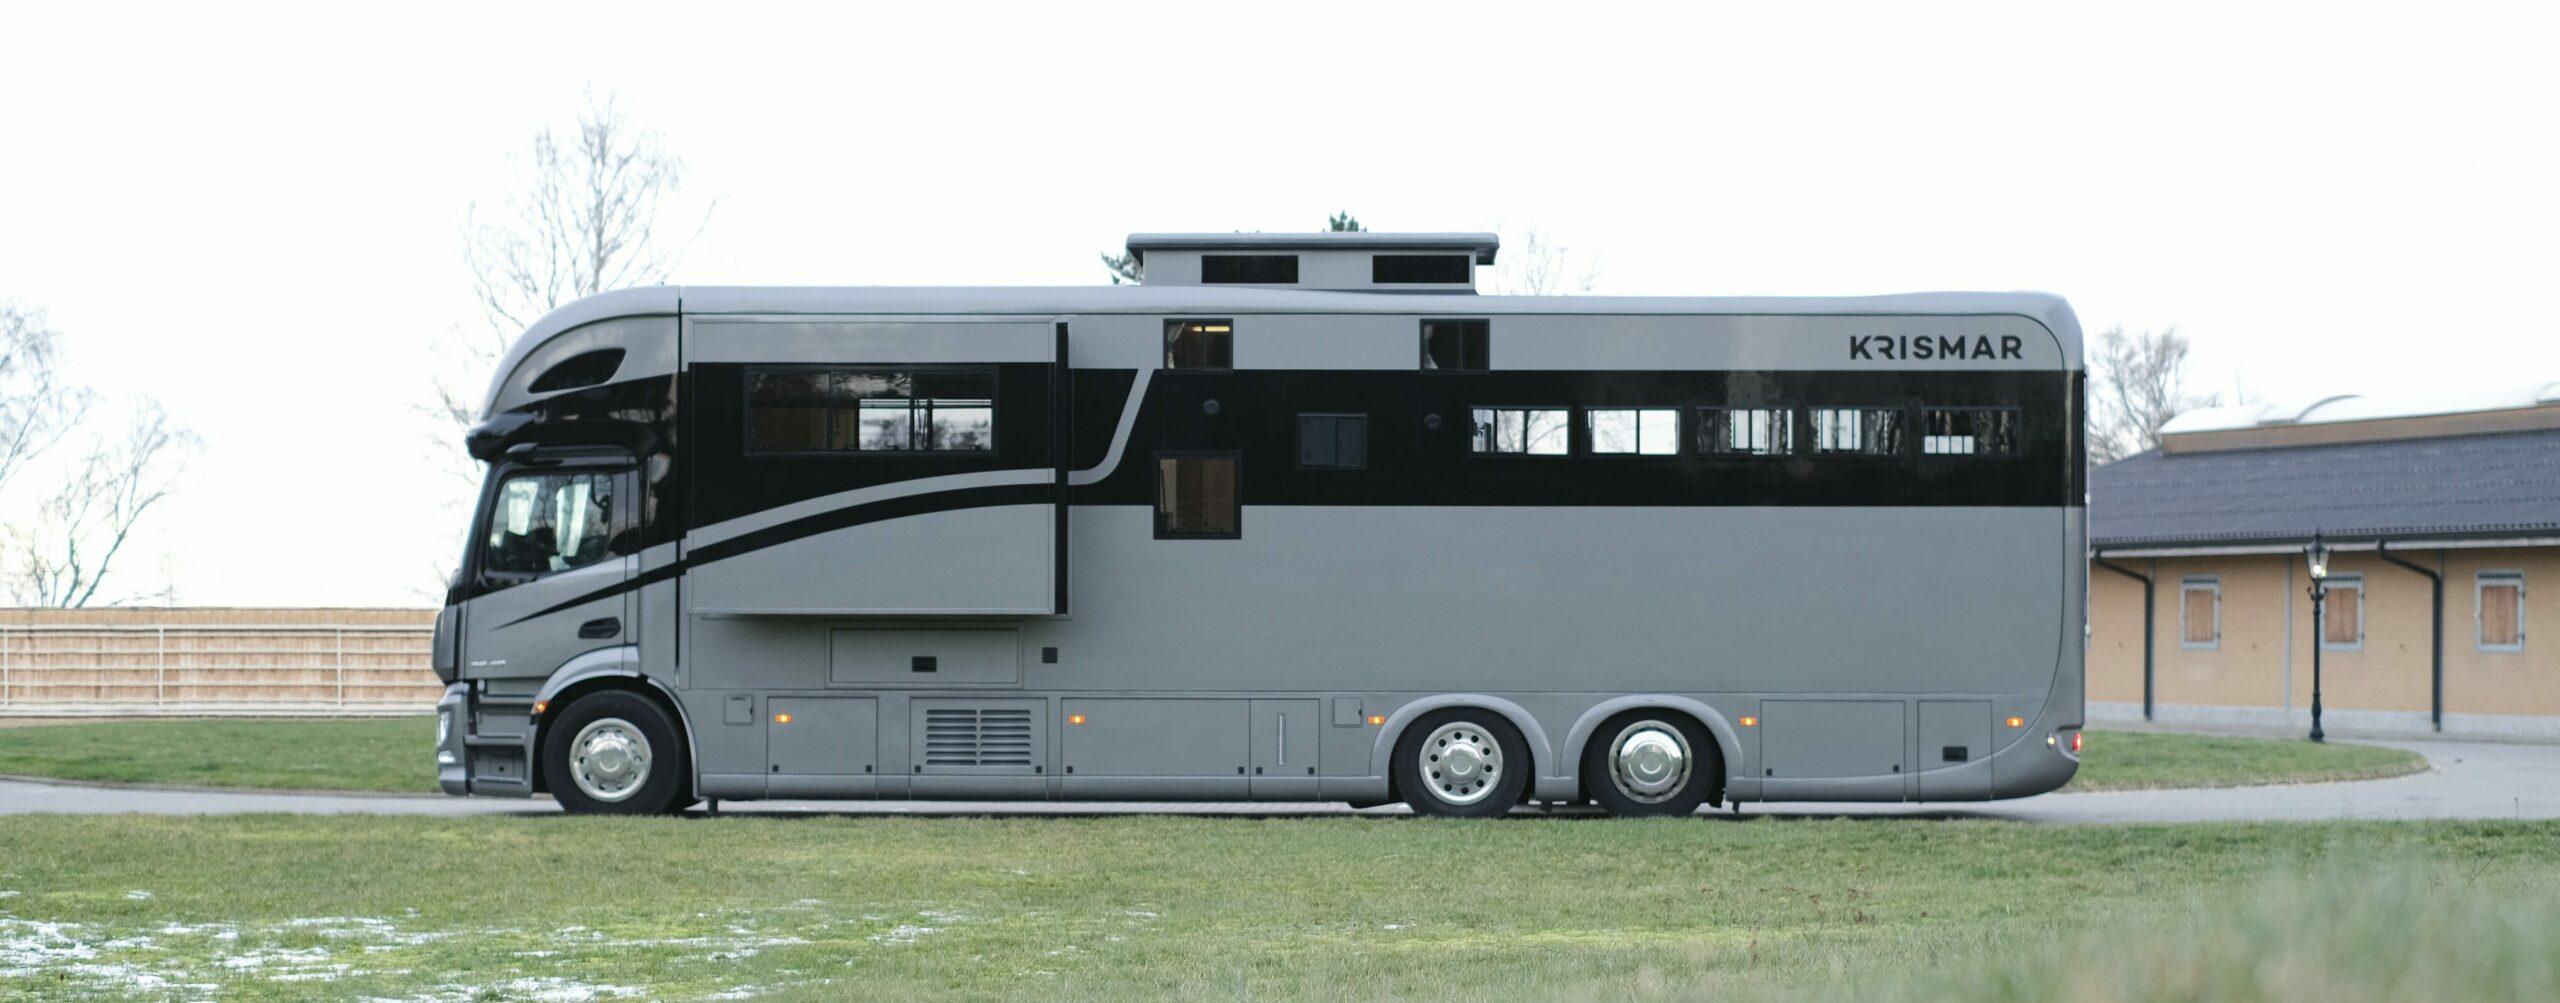 Exclusieve Krismar paardenvrachtwagen gebouwd voor 5 paarden met luxueuze leefruimte